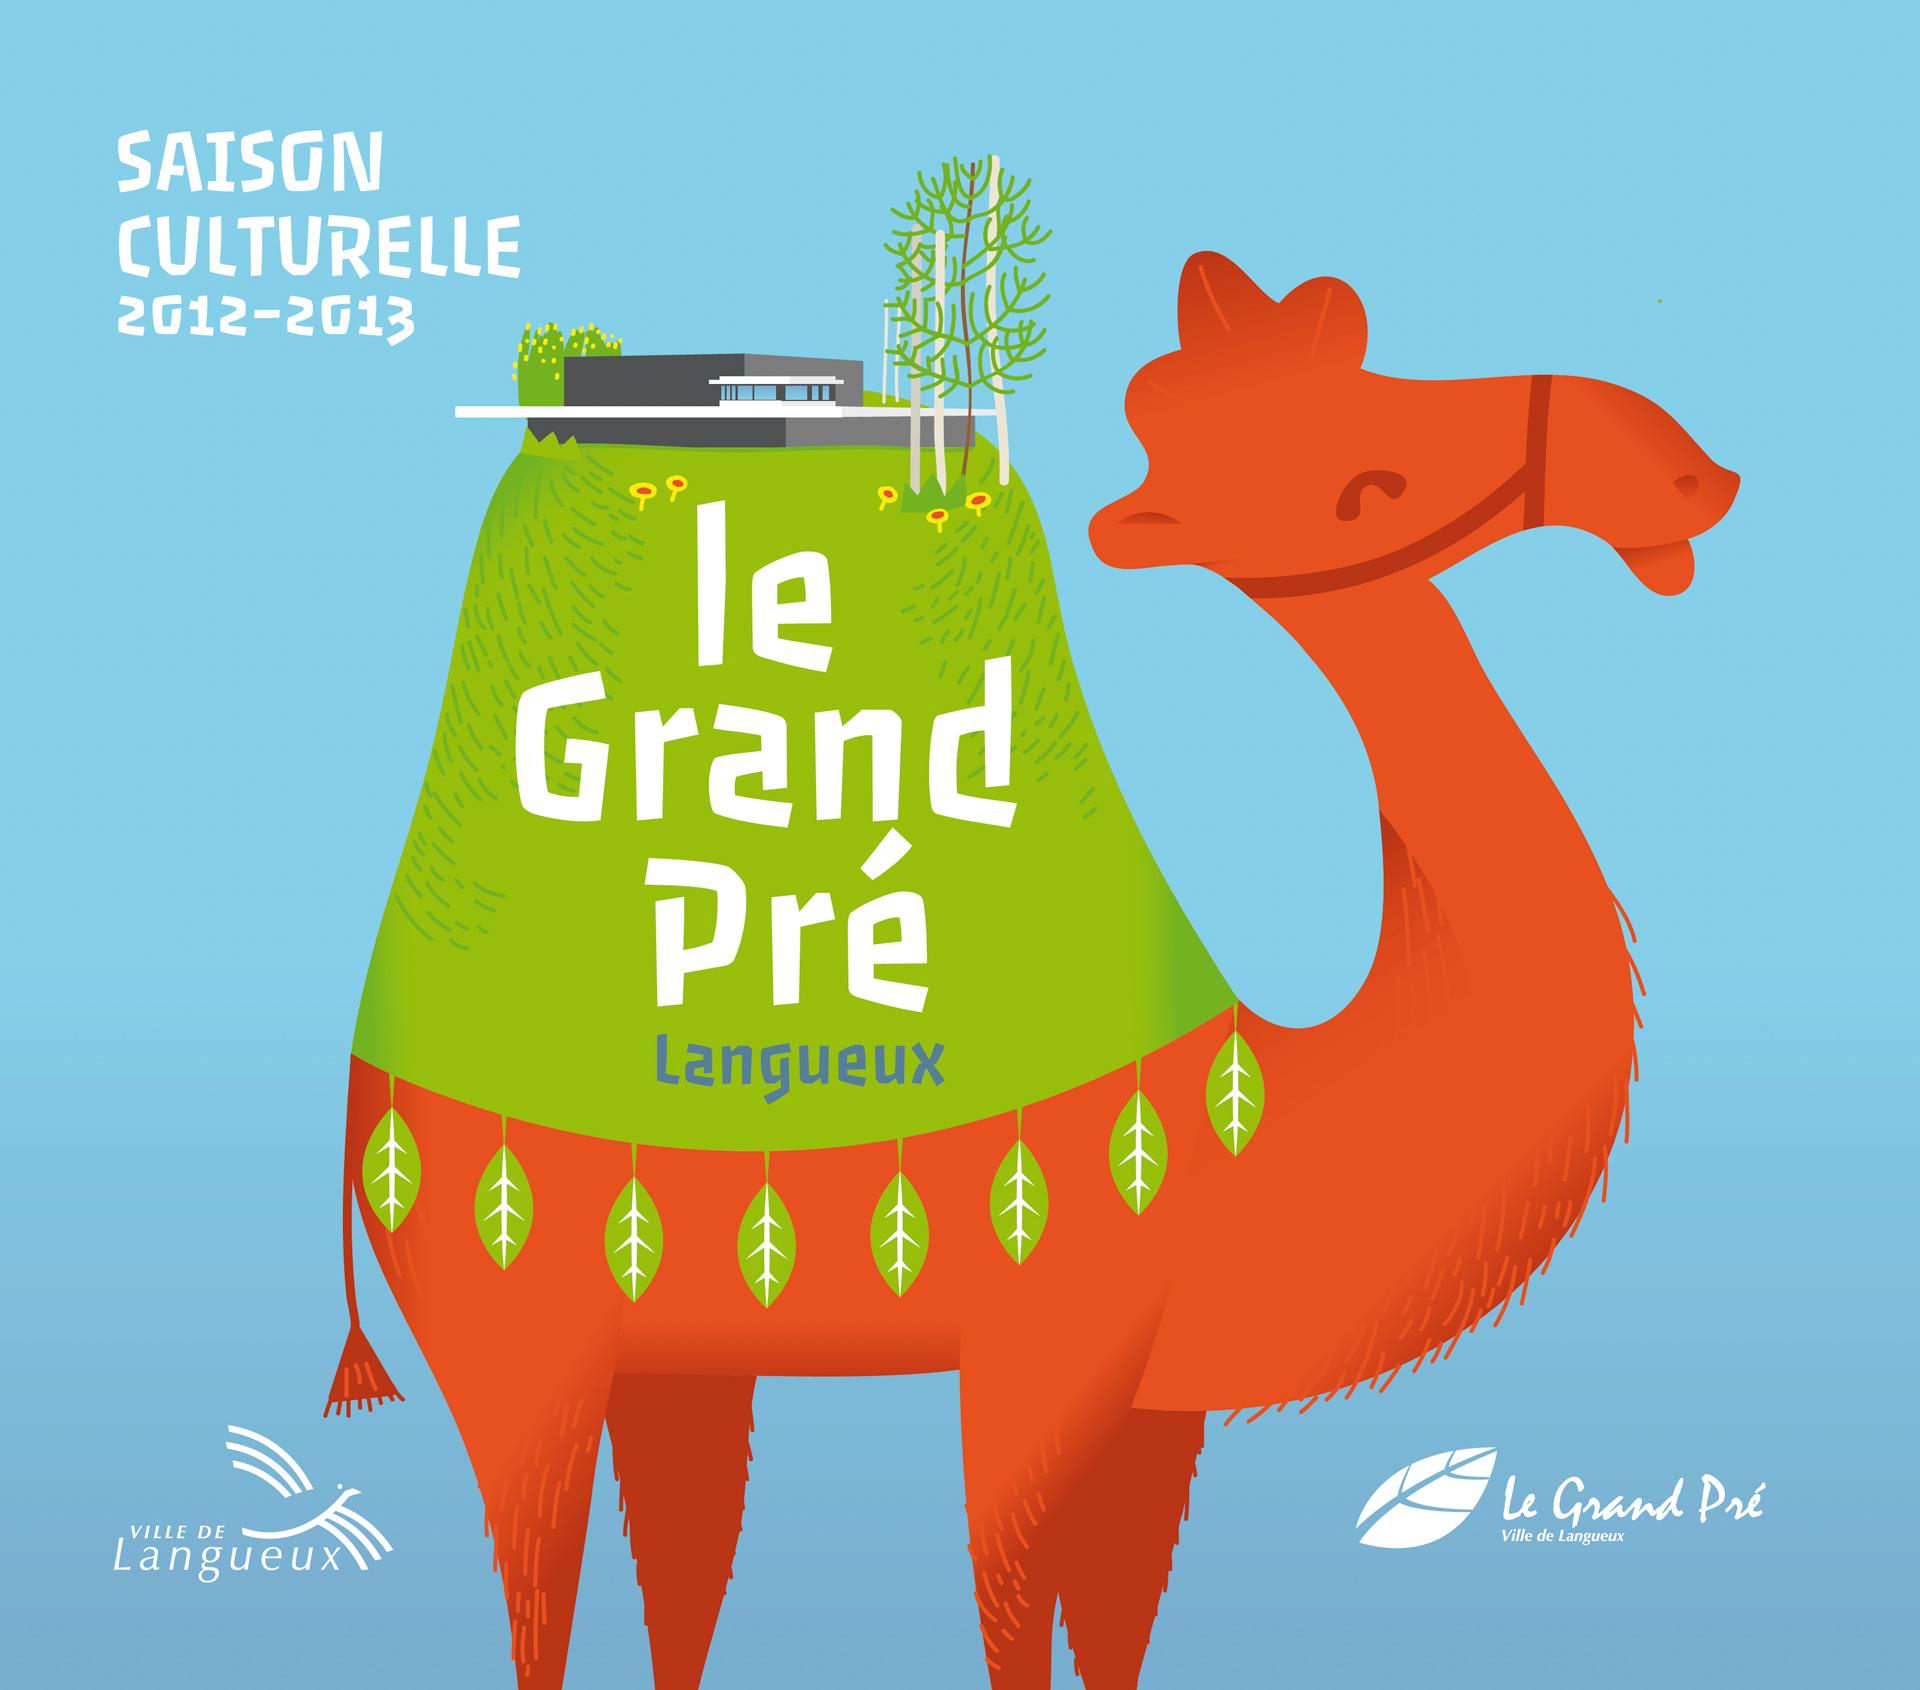 Espace-culturel-grand-pre-bretagne-langueux-affiche-saison-illustratio